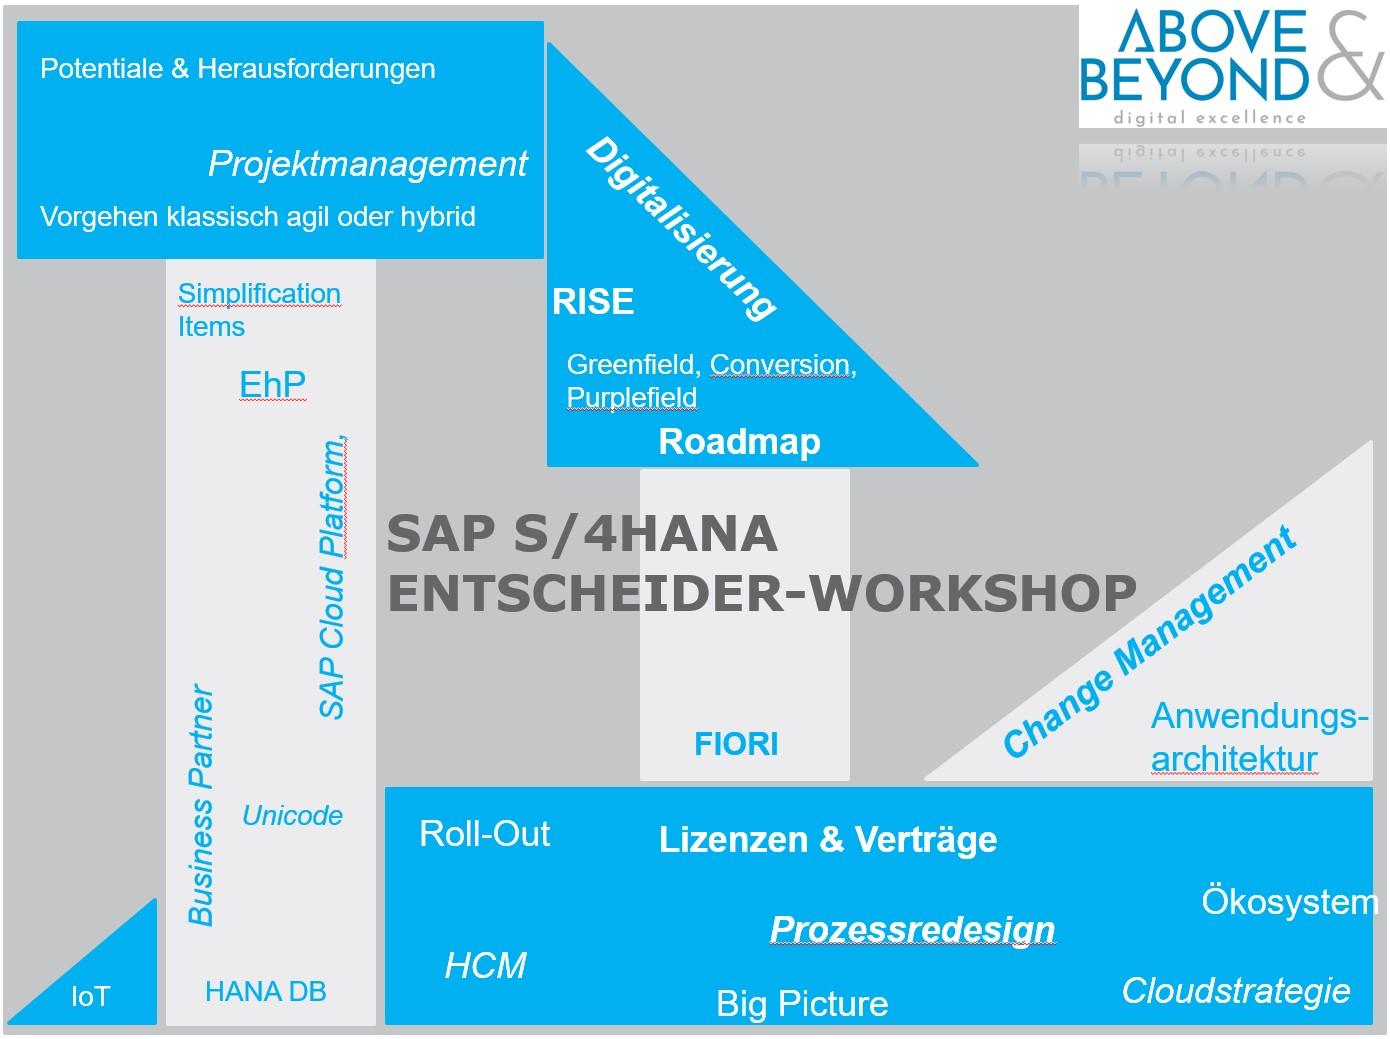 SAP S/4HANA Entscheiderworkshop